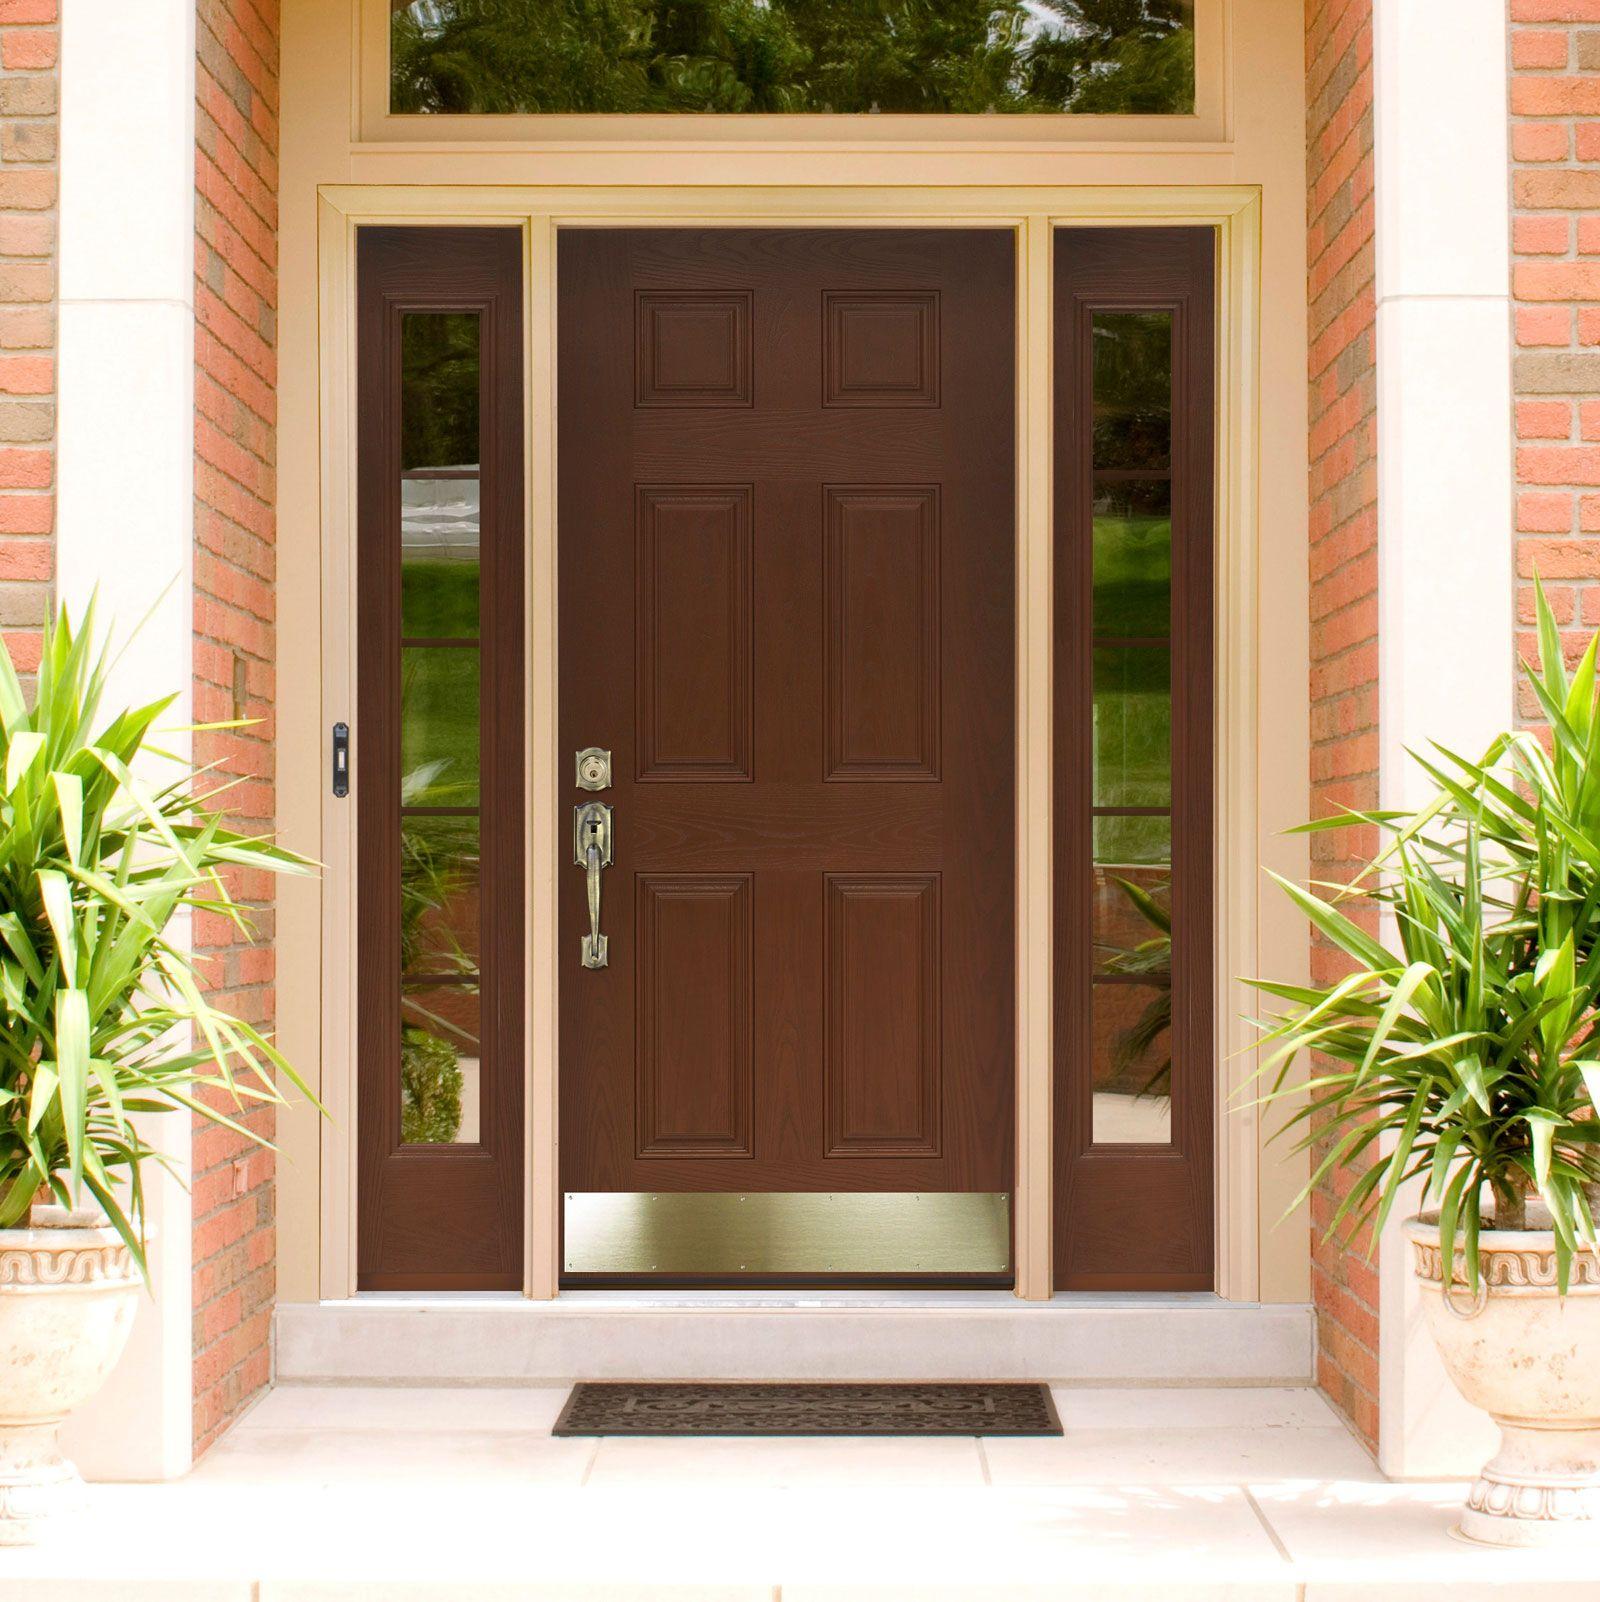 Exciting Modern Front Door Ideas In Dark Brown Color With Door Lever ...